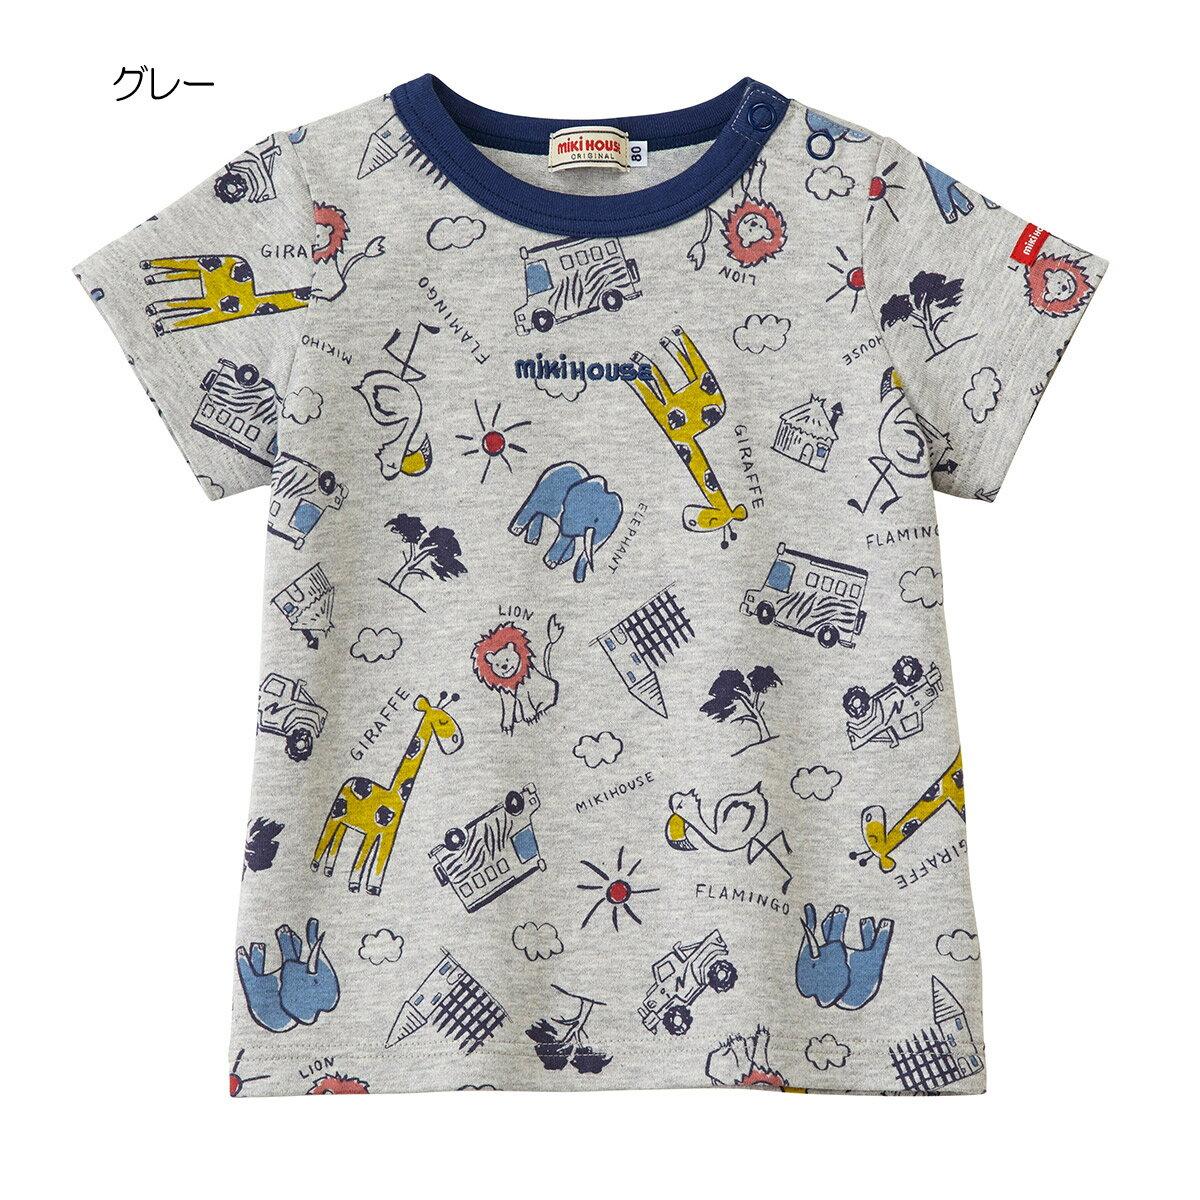 ミキハウス mikihouse アニマル柄半袖Tシャツ(80cm-130cm)